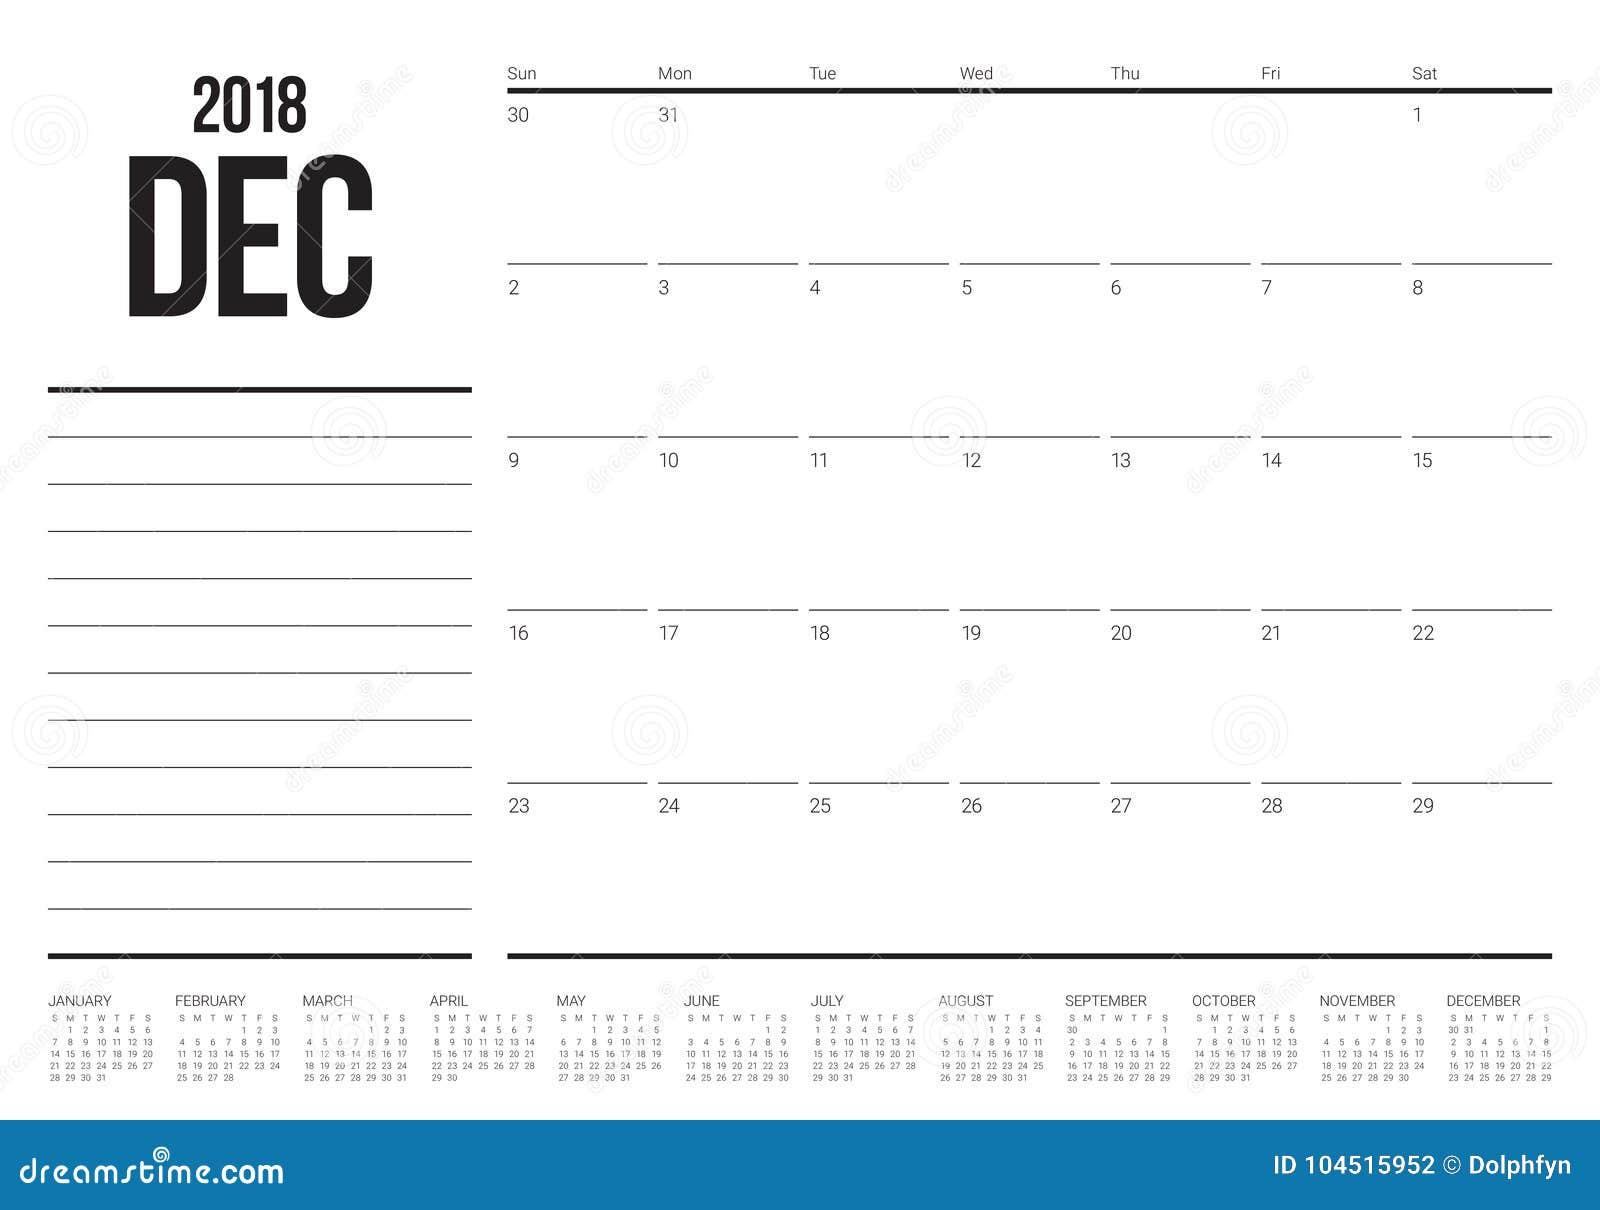 December 2018 planner calendar vector illustration